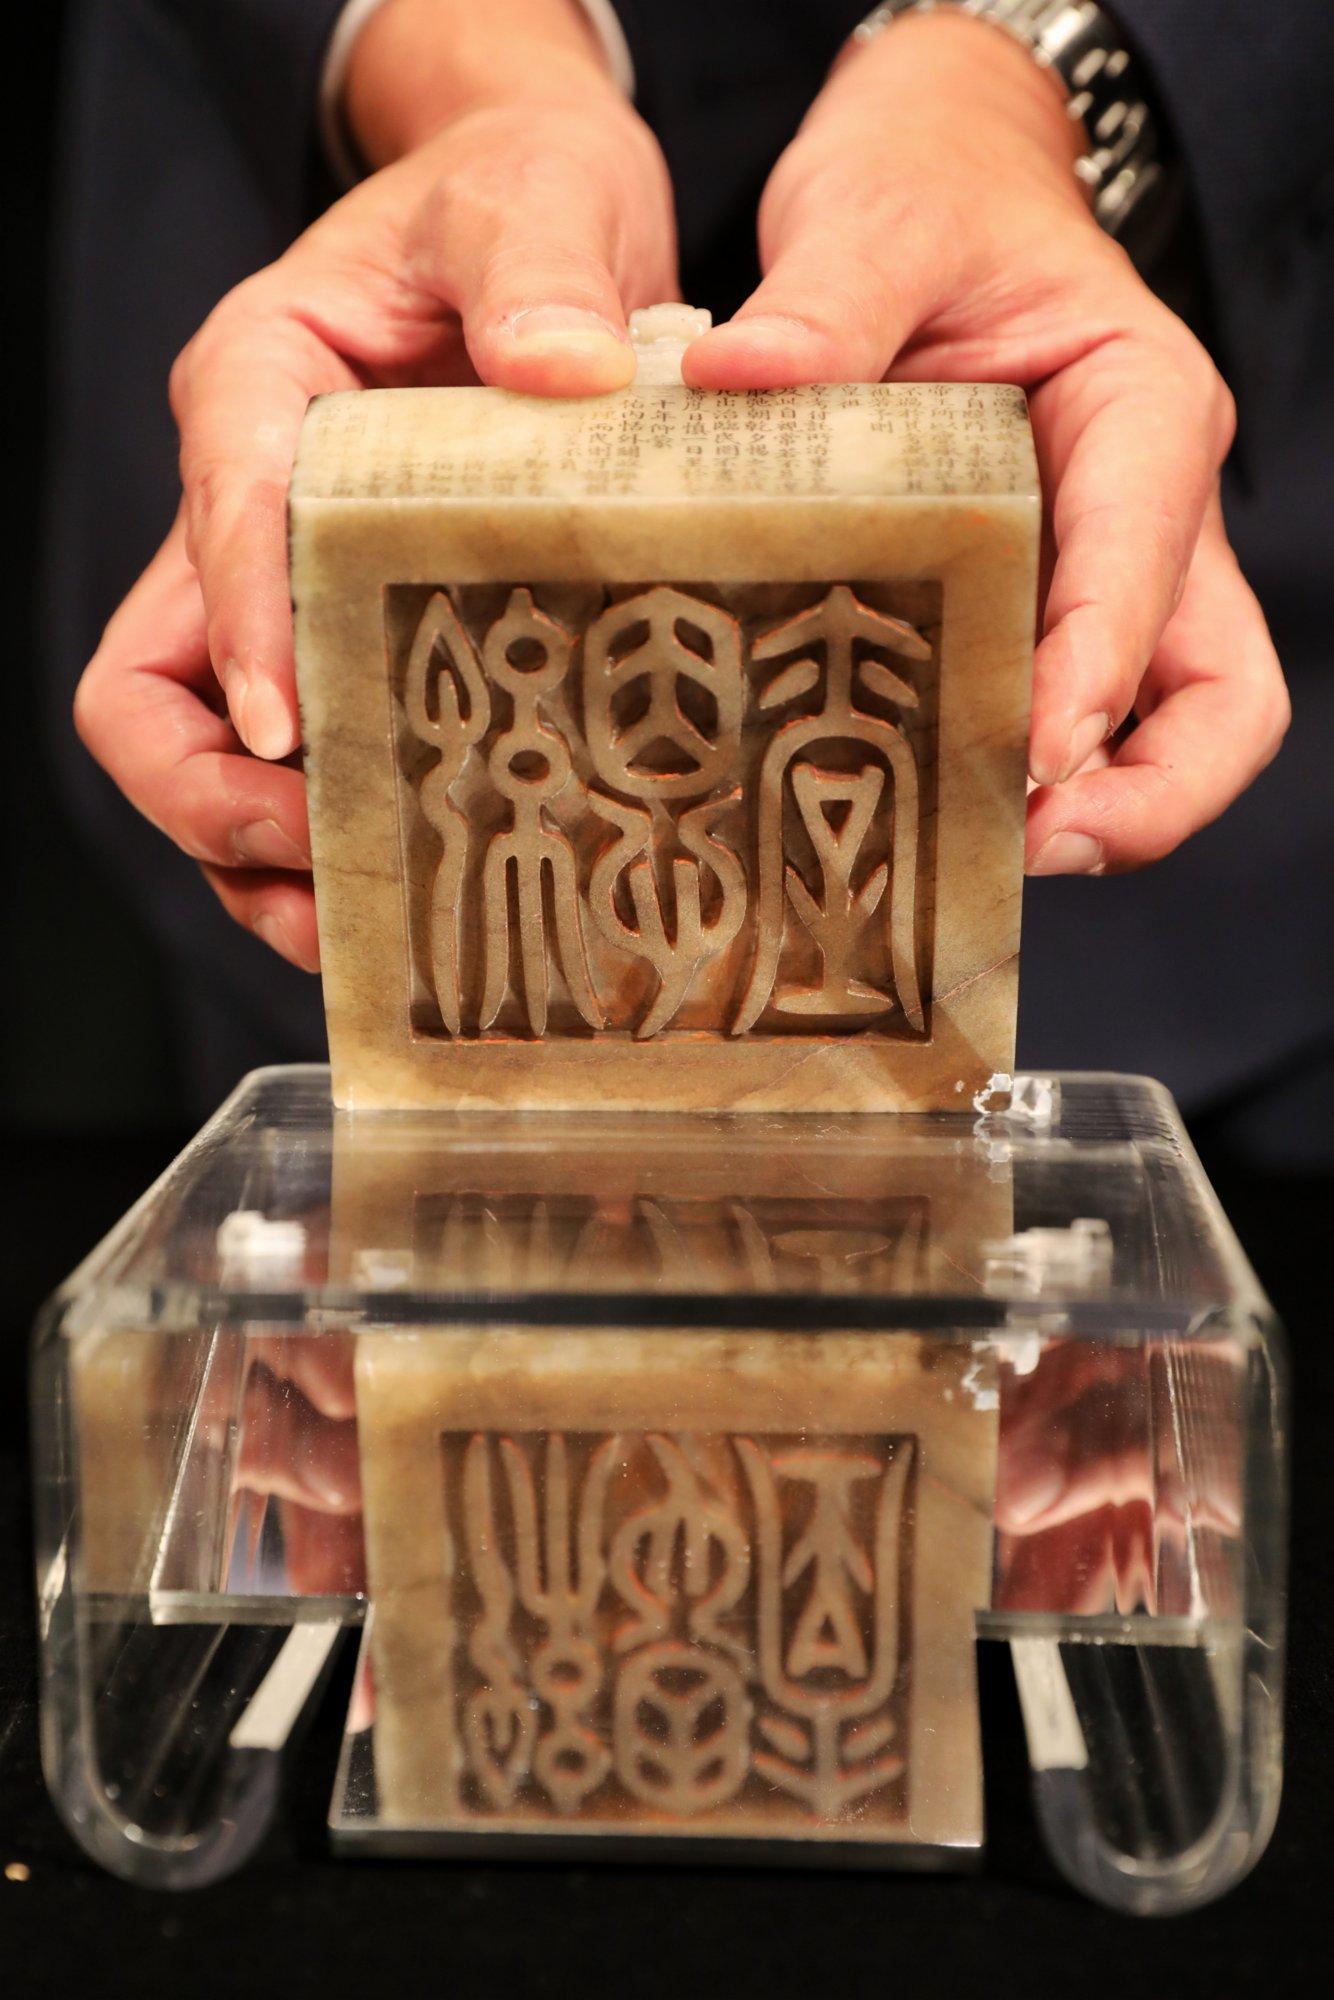 圖為本次三方璽中估值最高的,也是拍賣史上估價最高的乾隆帝御寶交龍鈕白玉璽,估價1.25億至1.8億元。